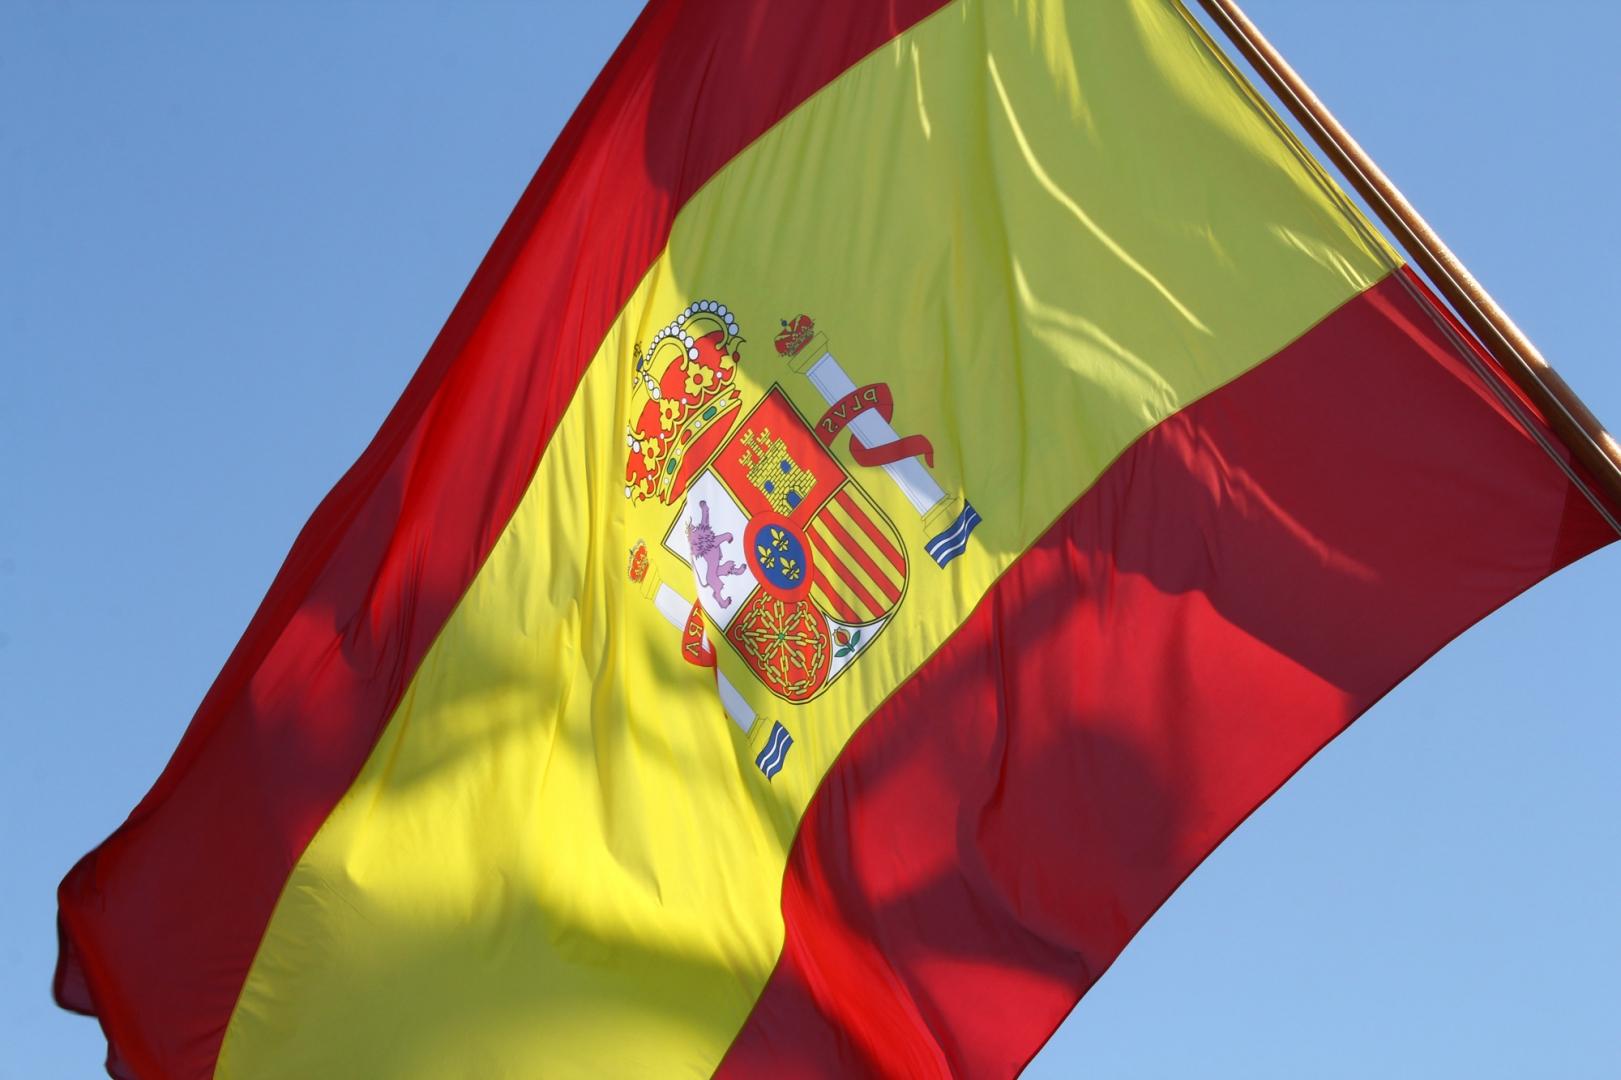 испанский флаг фото в хорошем качестве этот раз вообще